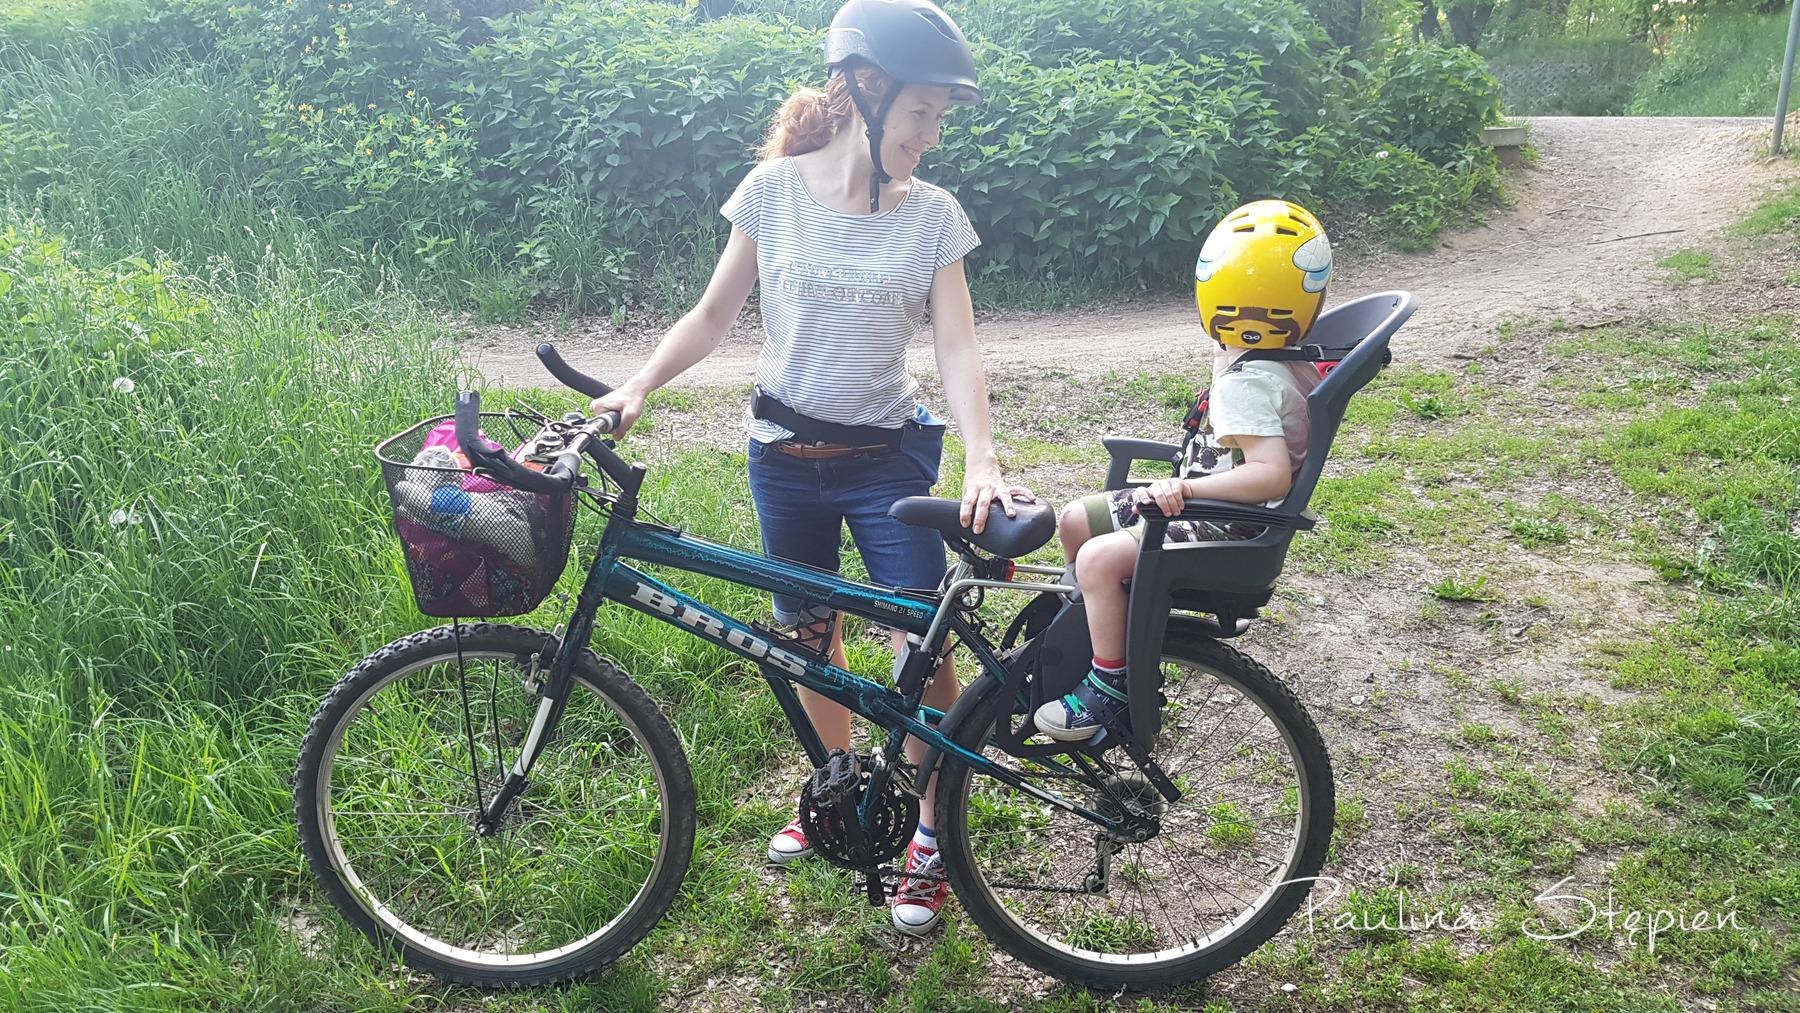 A tutaj stary rower i jak się przyjrzysz to widać koszyk i jego mocowanie do widelca, bo tamten rower nie miał amortyzatorów